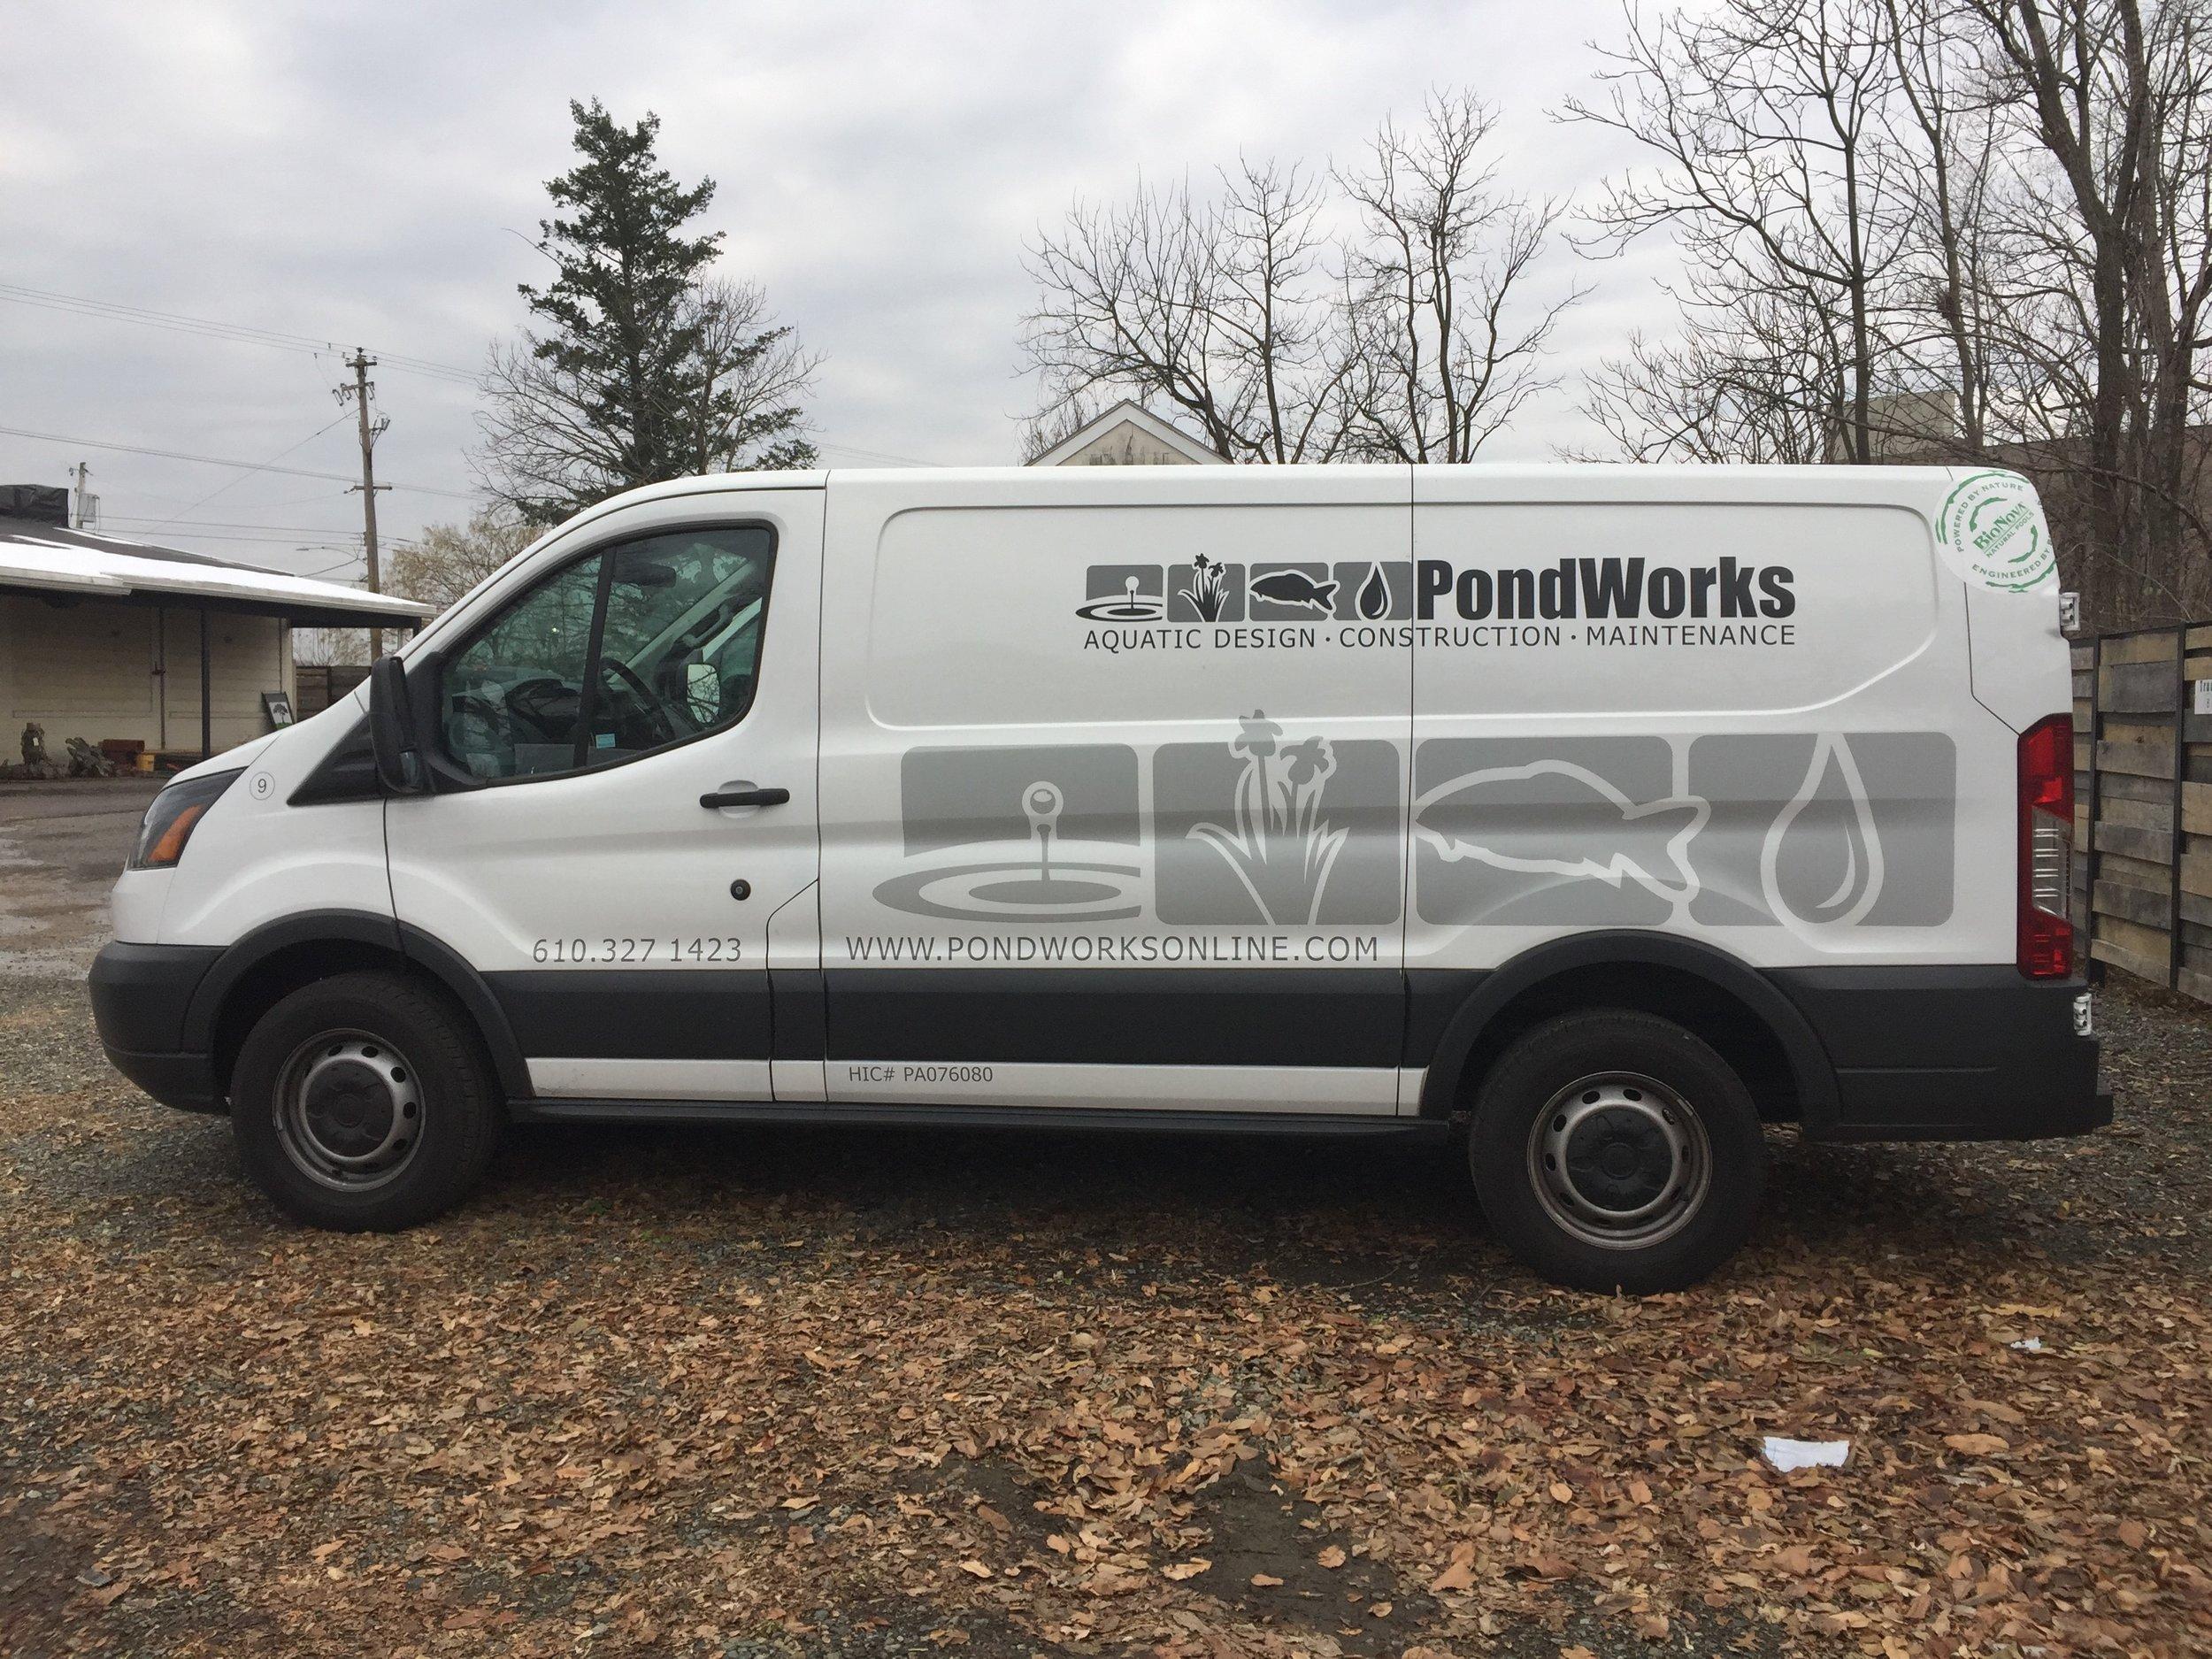 PondWorks-Van-09-Maintenance-2017.jpg